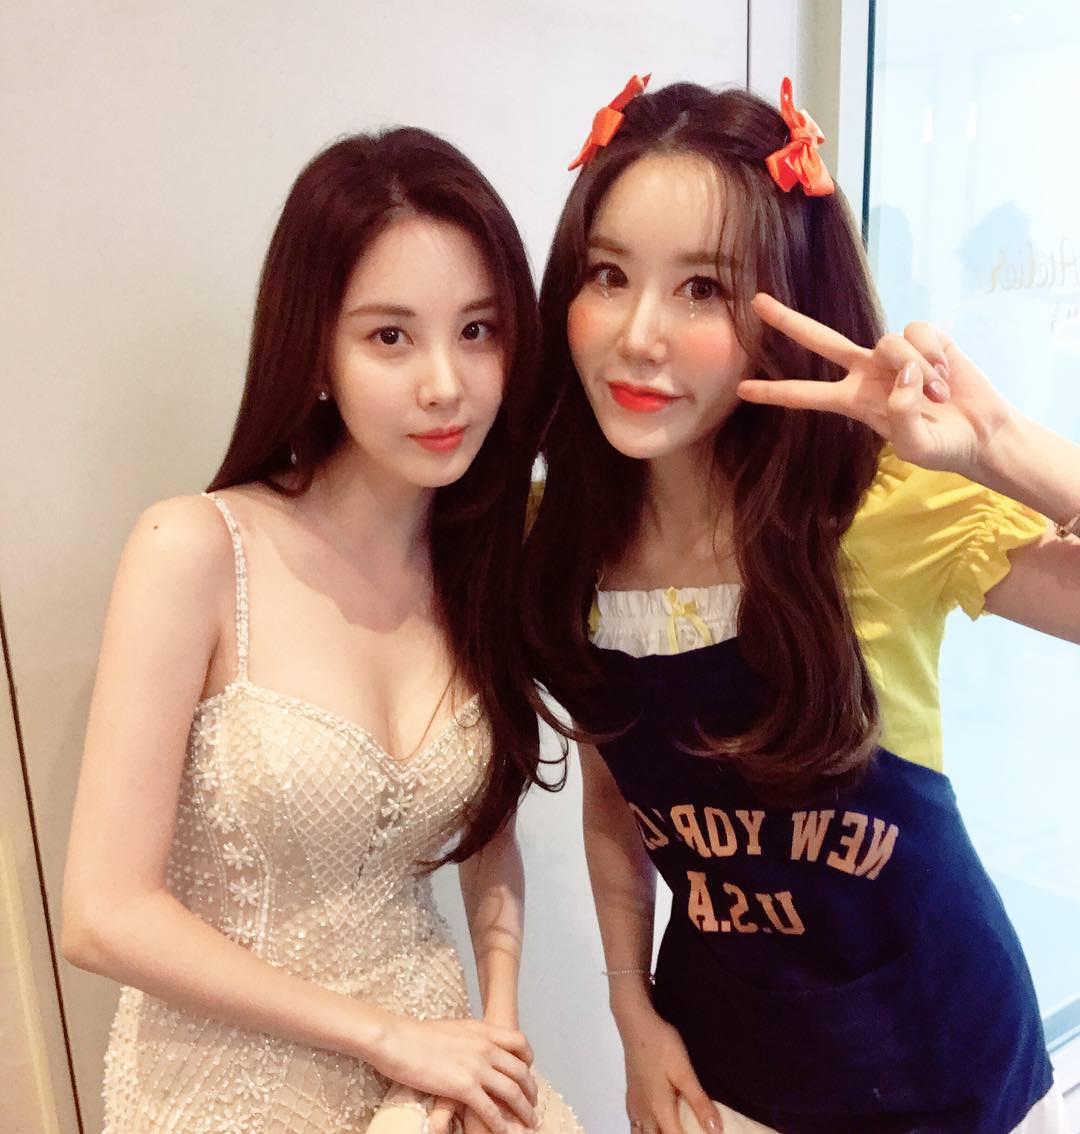 Snsd yoona and lee seung gi dating 2020